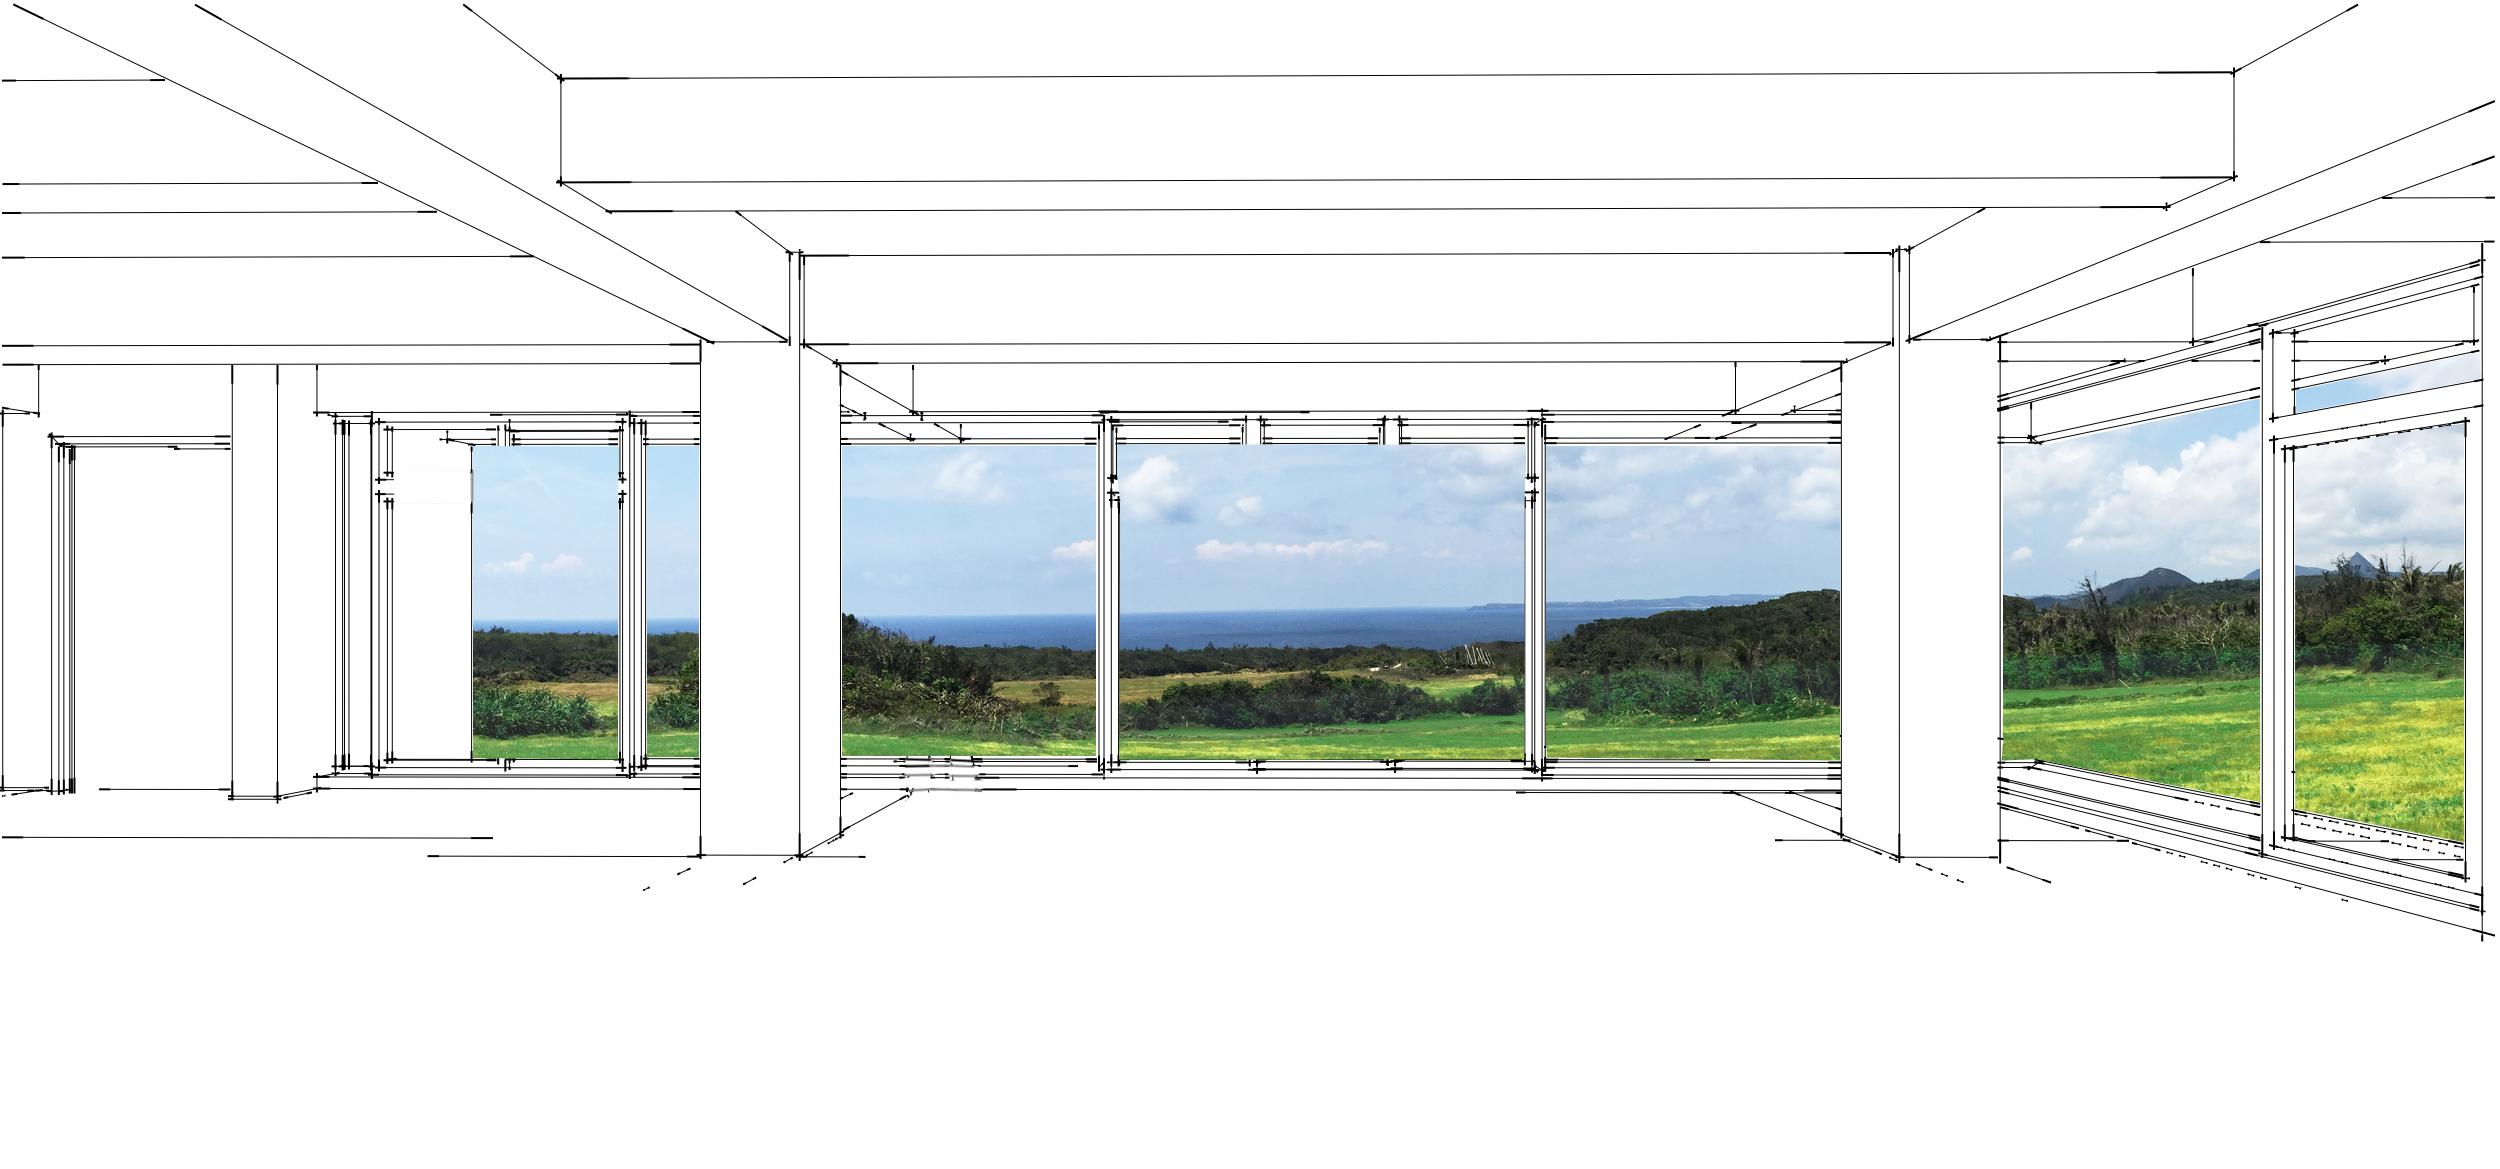 屋簷、地板和柱子形成畫框,將景色有如一幅畫般擷取下來。